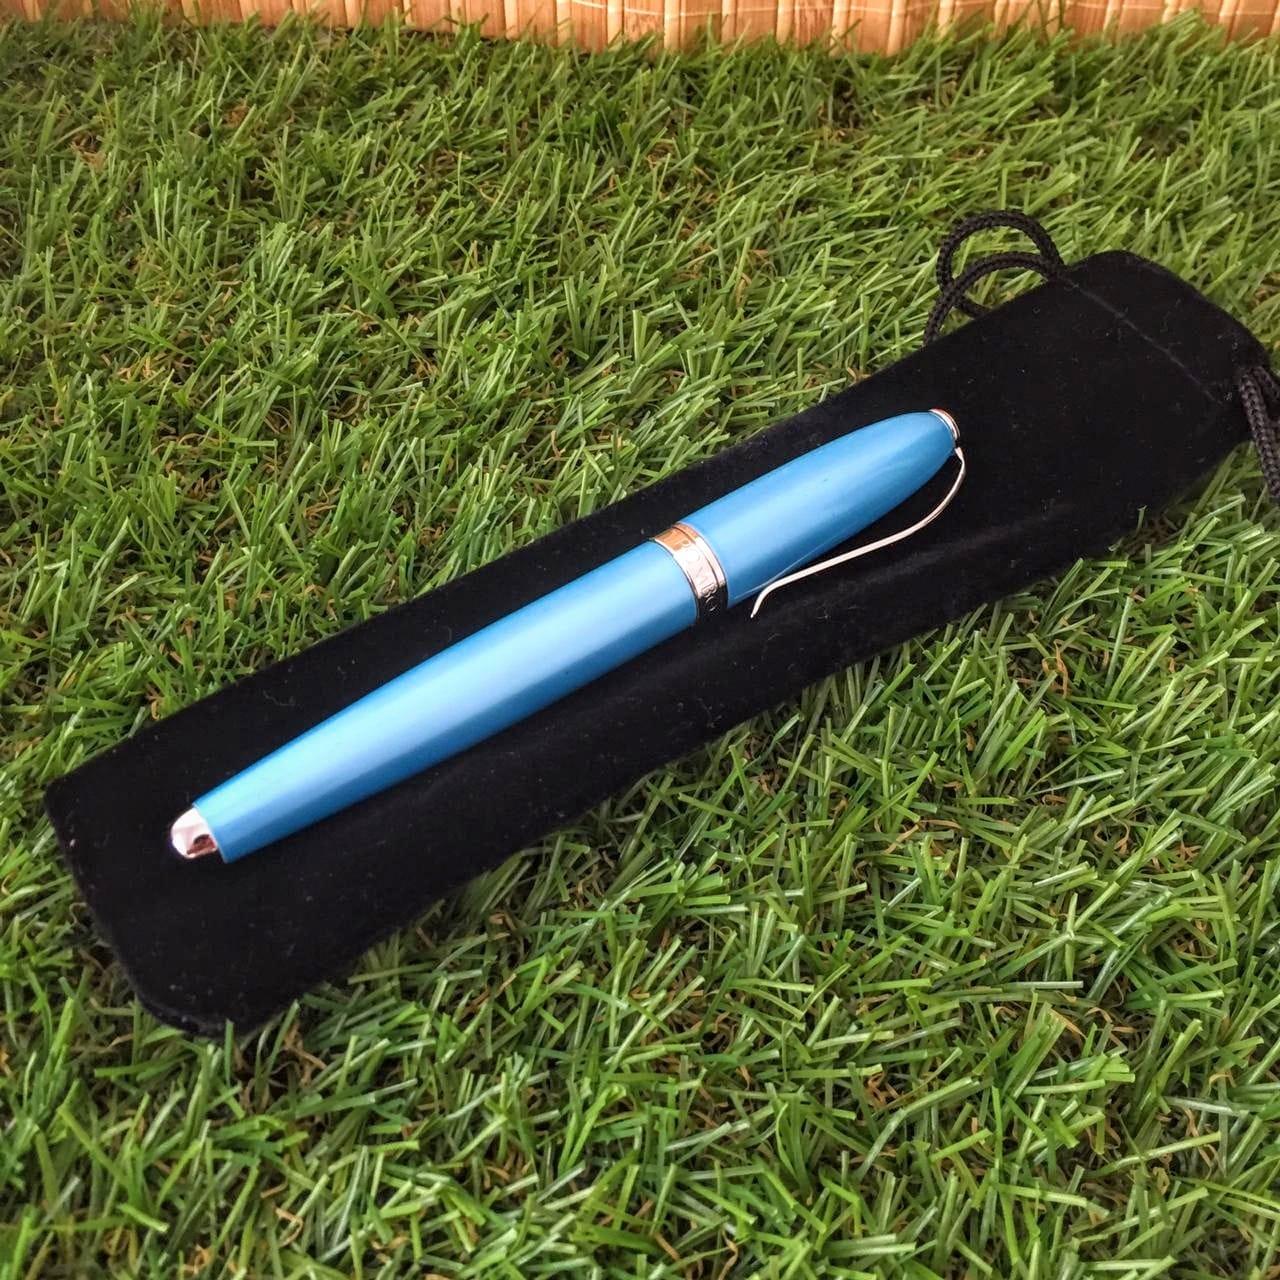 Caneta Regal - Modelo: Perolado Azul Claro  - Empório das Variedades